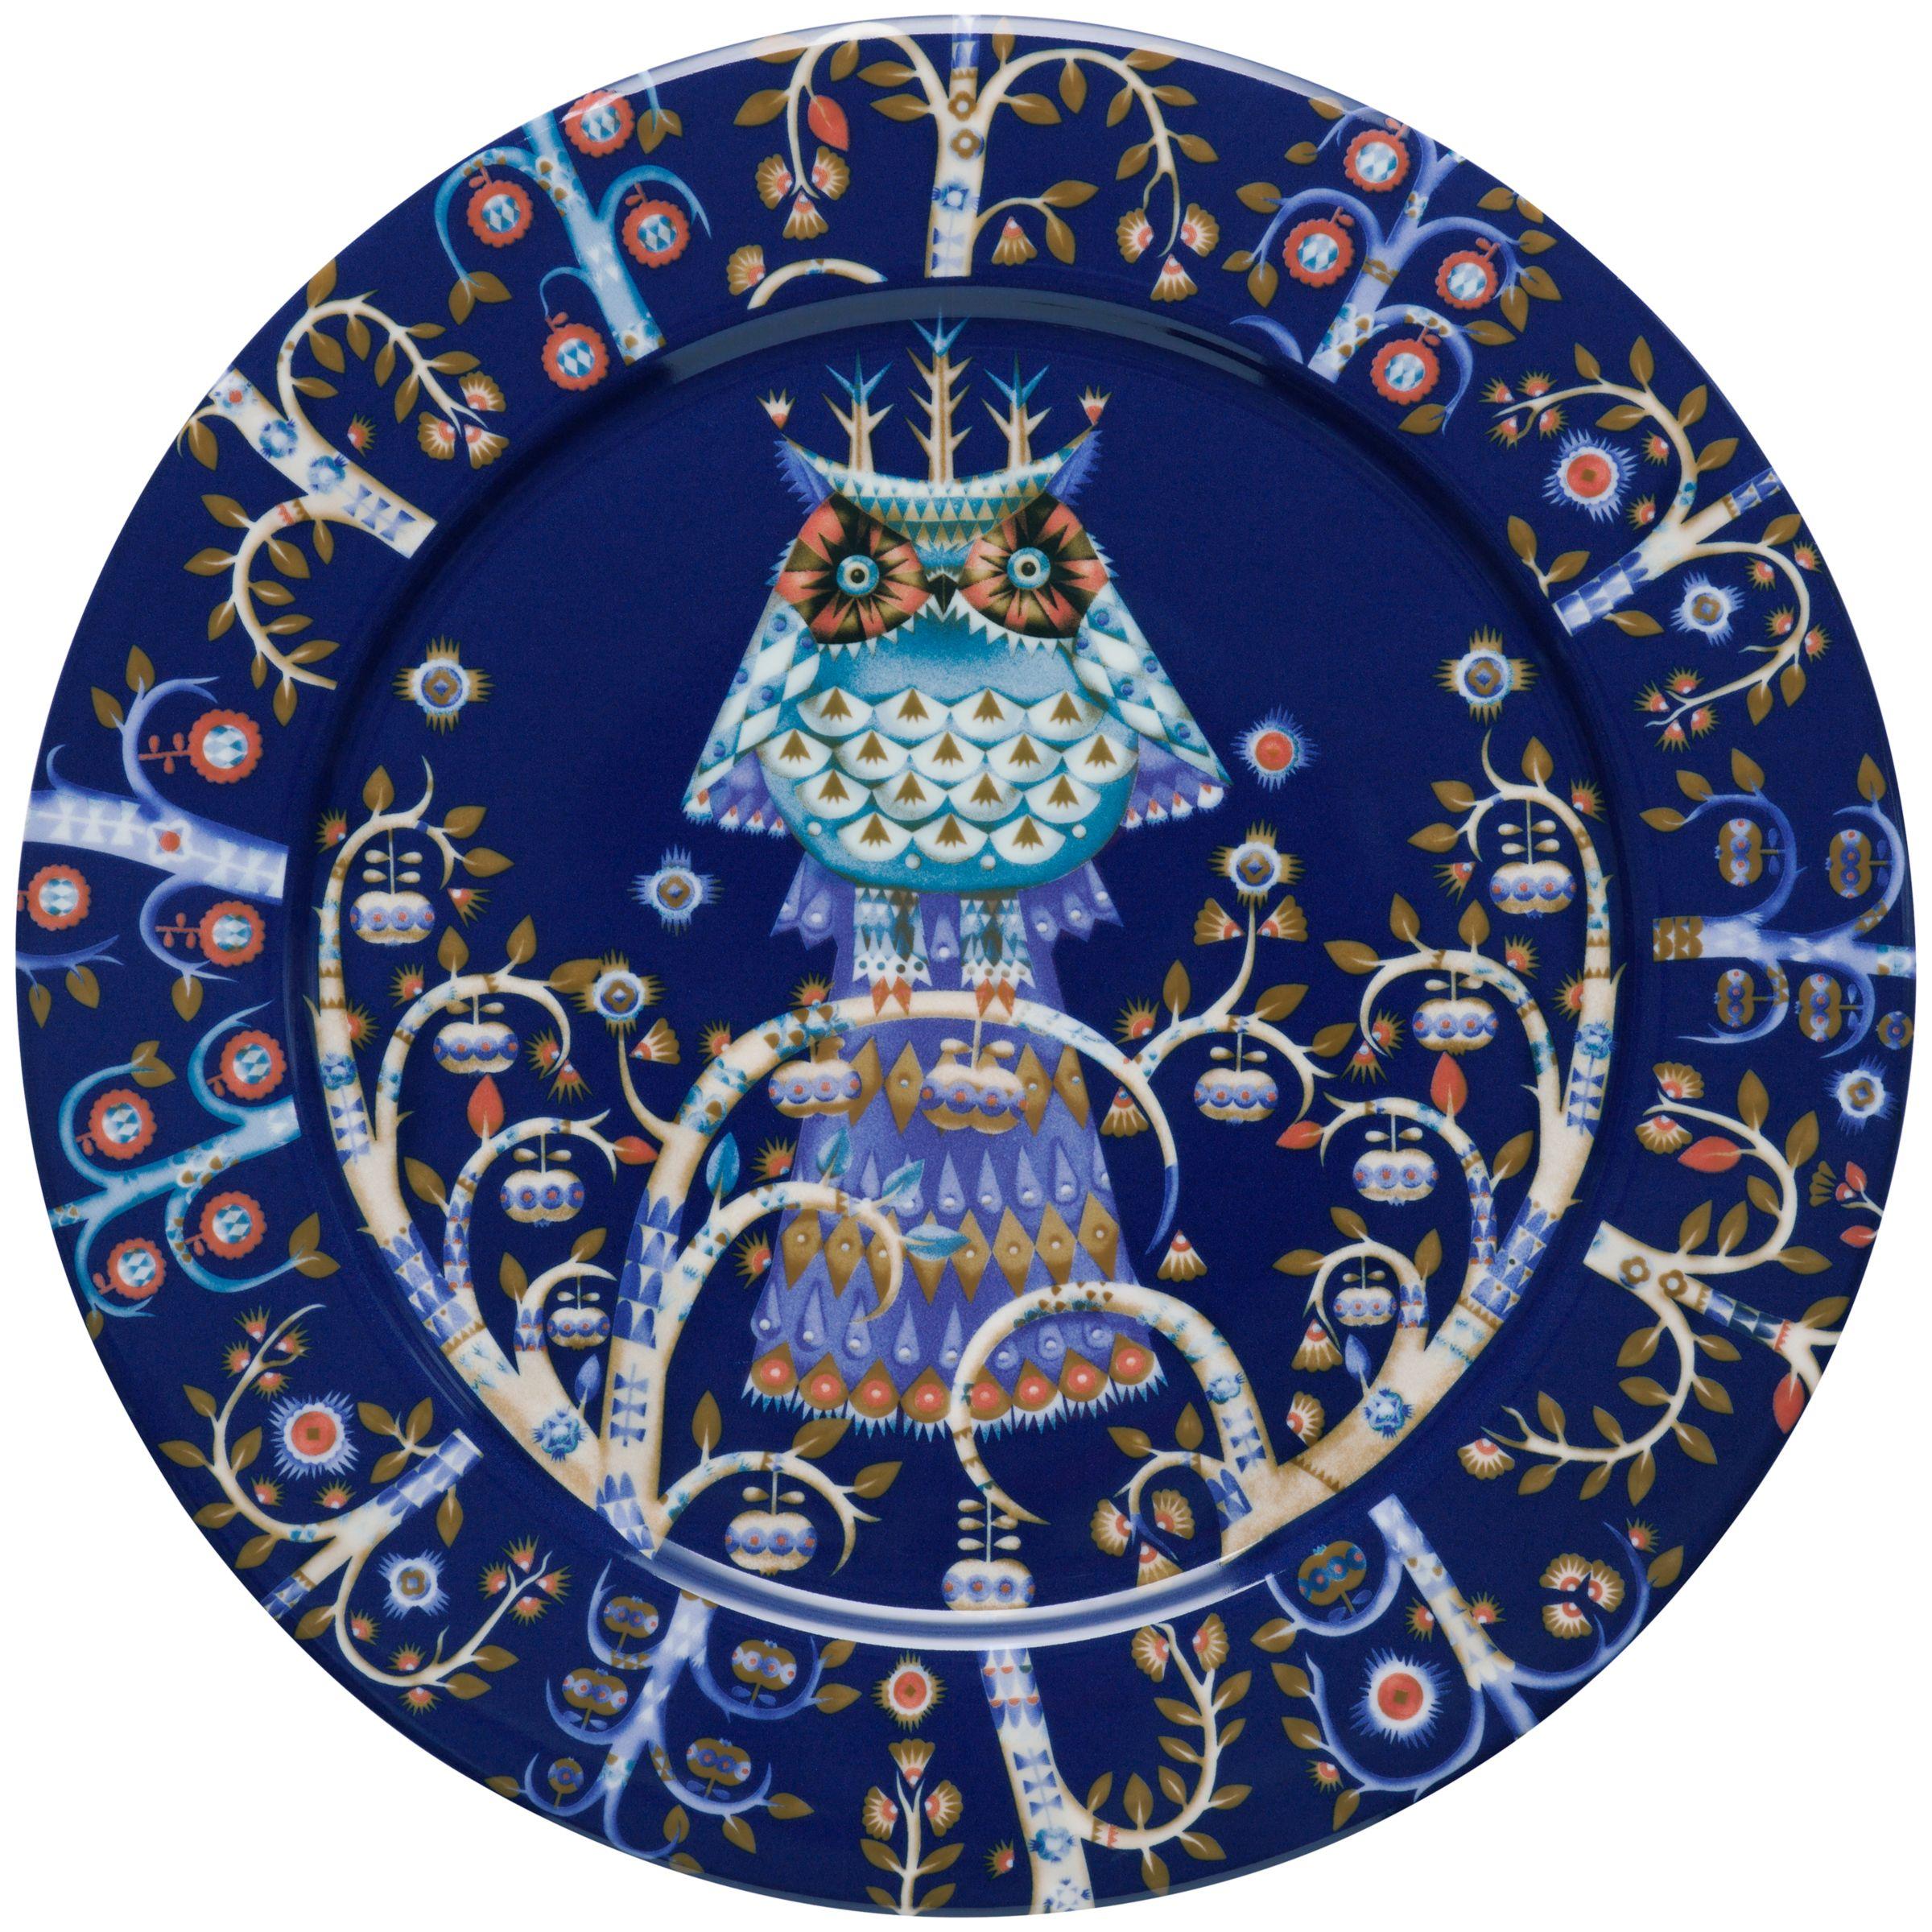 Iittala Iittala Blue Taika 27cm Dinner Plate